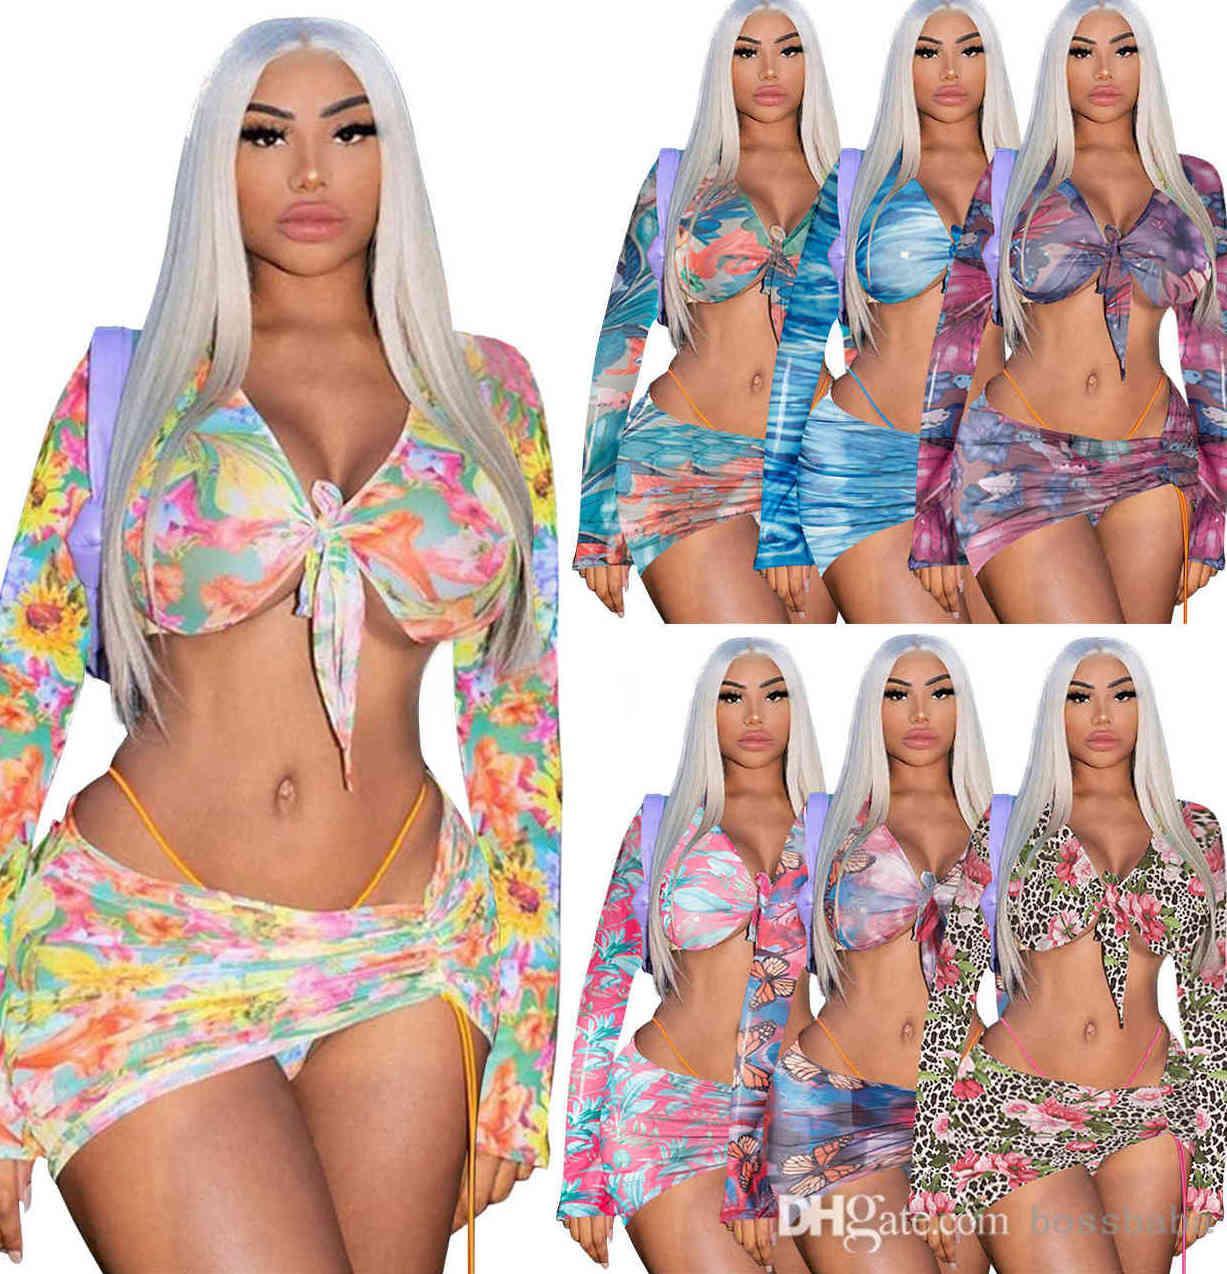 إمرأة الاستحمام الدعاوى ثلاثة قطعة بيكيني مجموعة فساتين الصيف مصمم رياضية أزياء مثير المطبوعة غير النظامية الرباط تنورة قصيرة ضمادة الورك ملفوفة